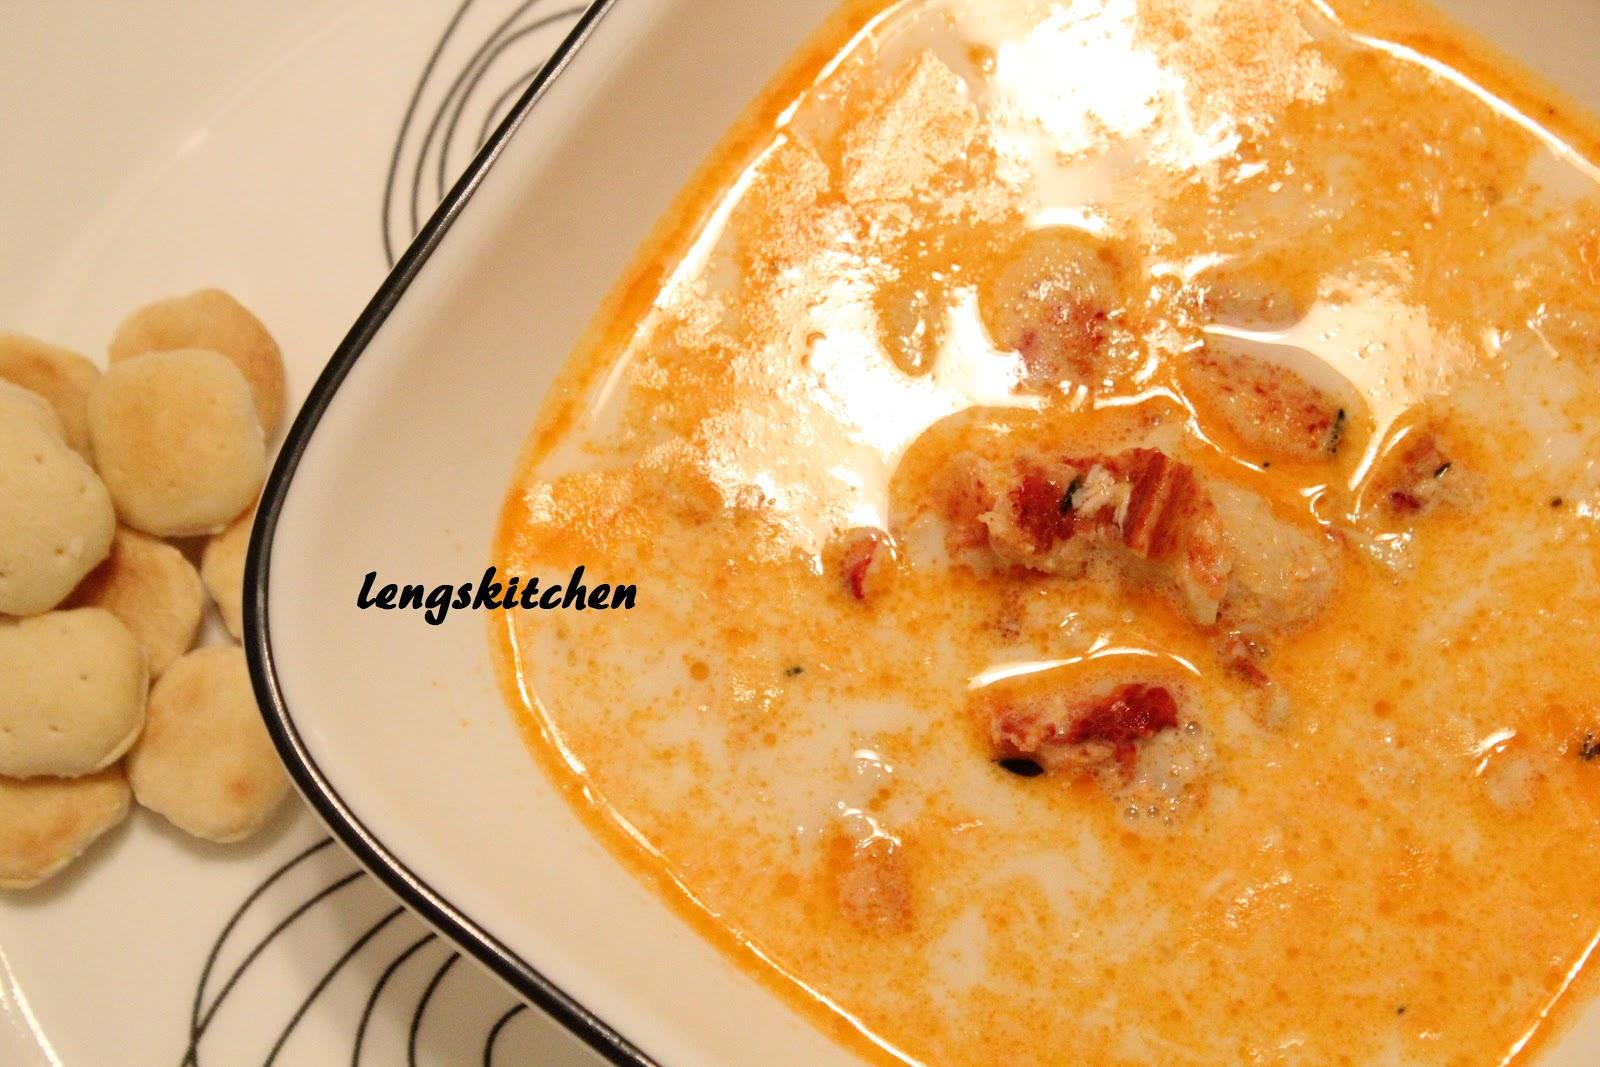 Http Www Bonappetit Com Test Kitchen Tools Test Kitchen Article Pots Pans Guide